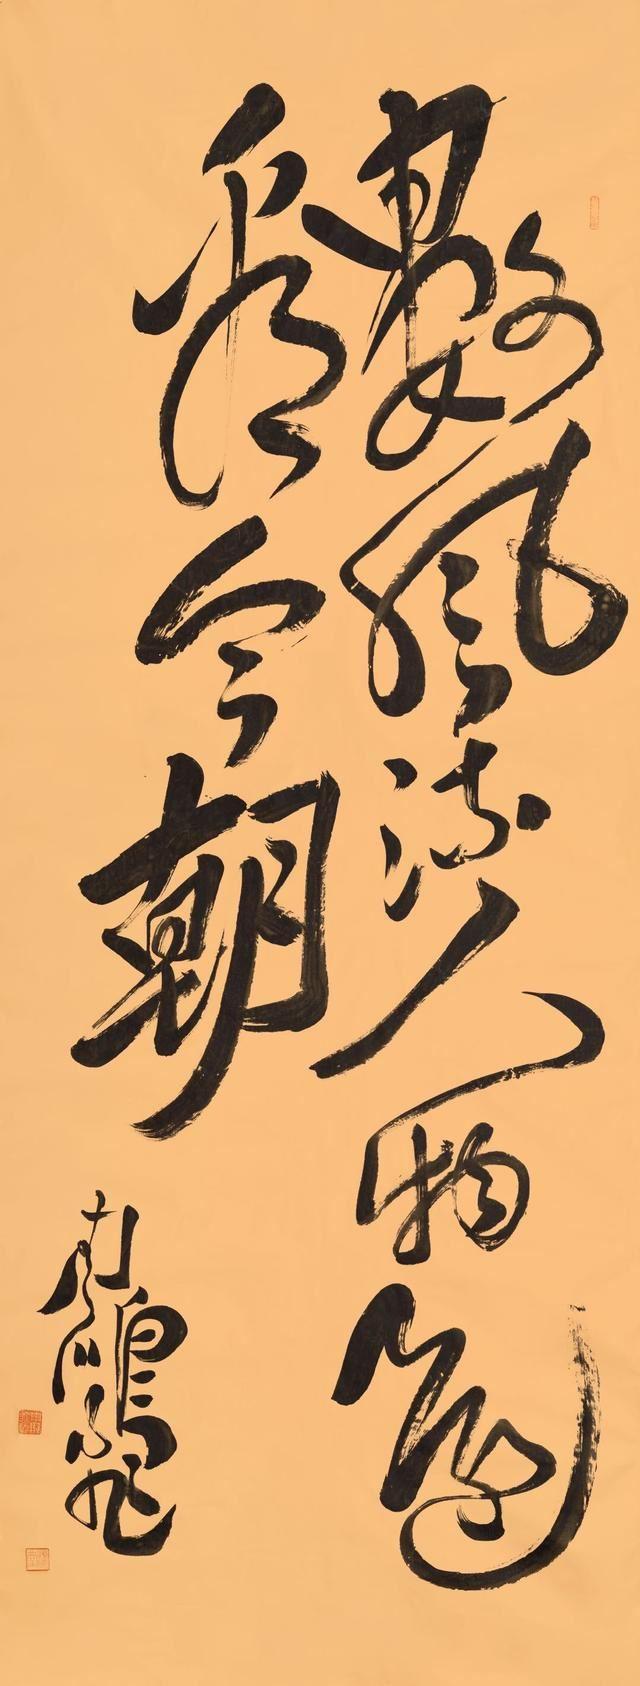 中国毛体书法非遗唯一传承人:周鹏飞书法